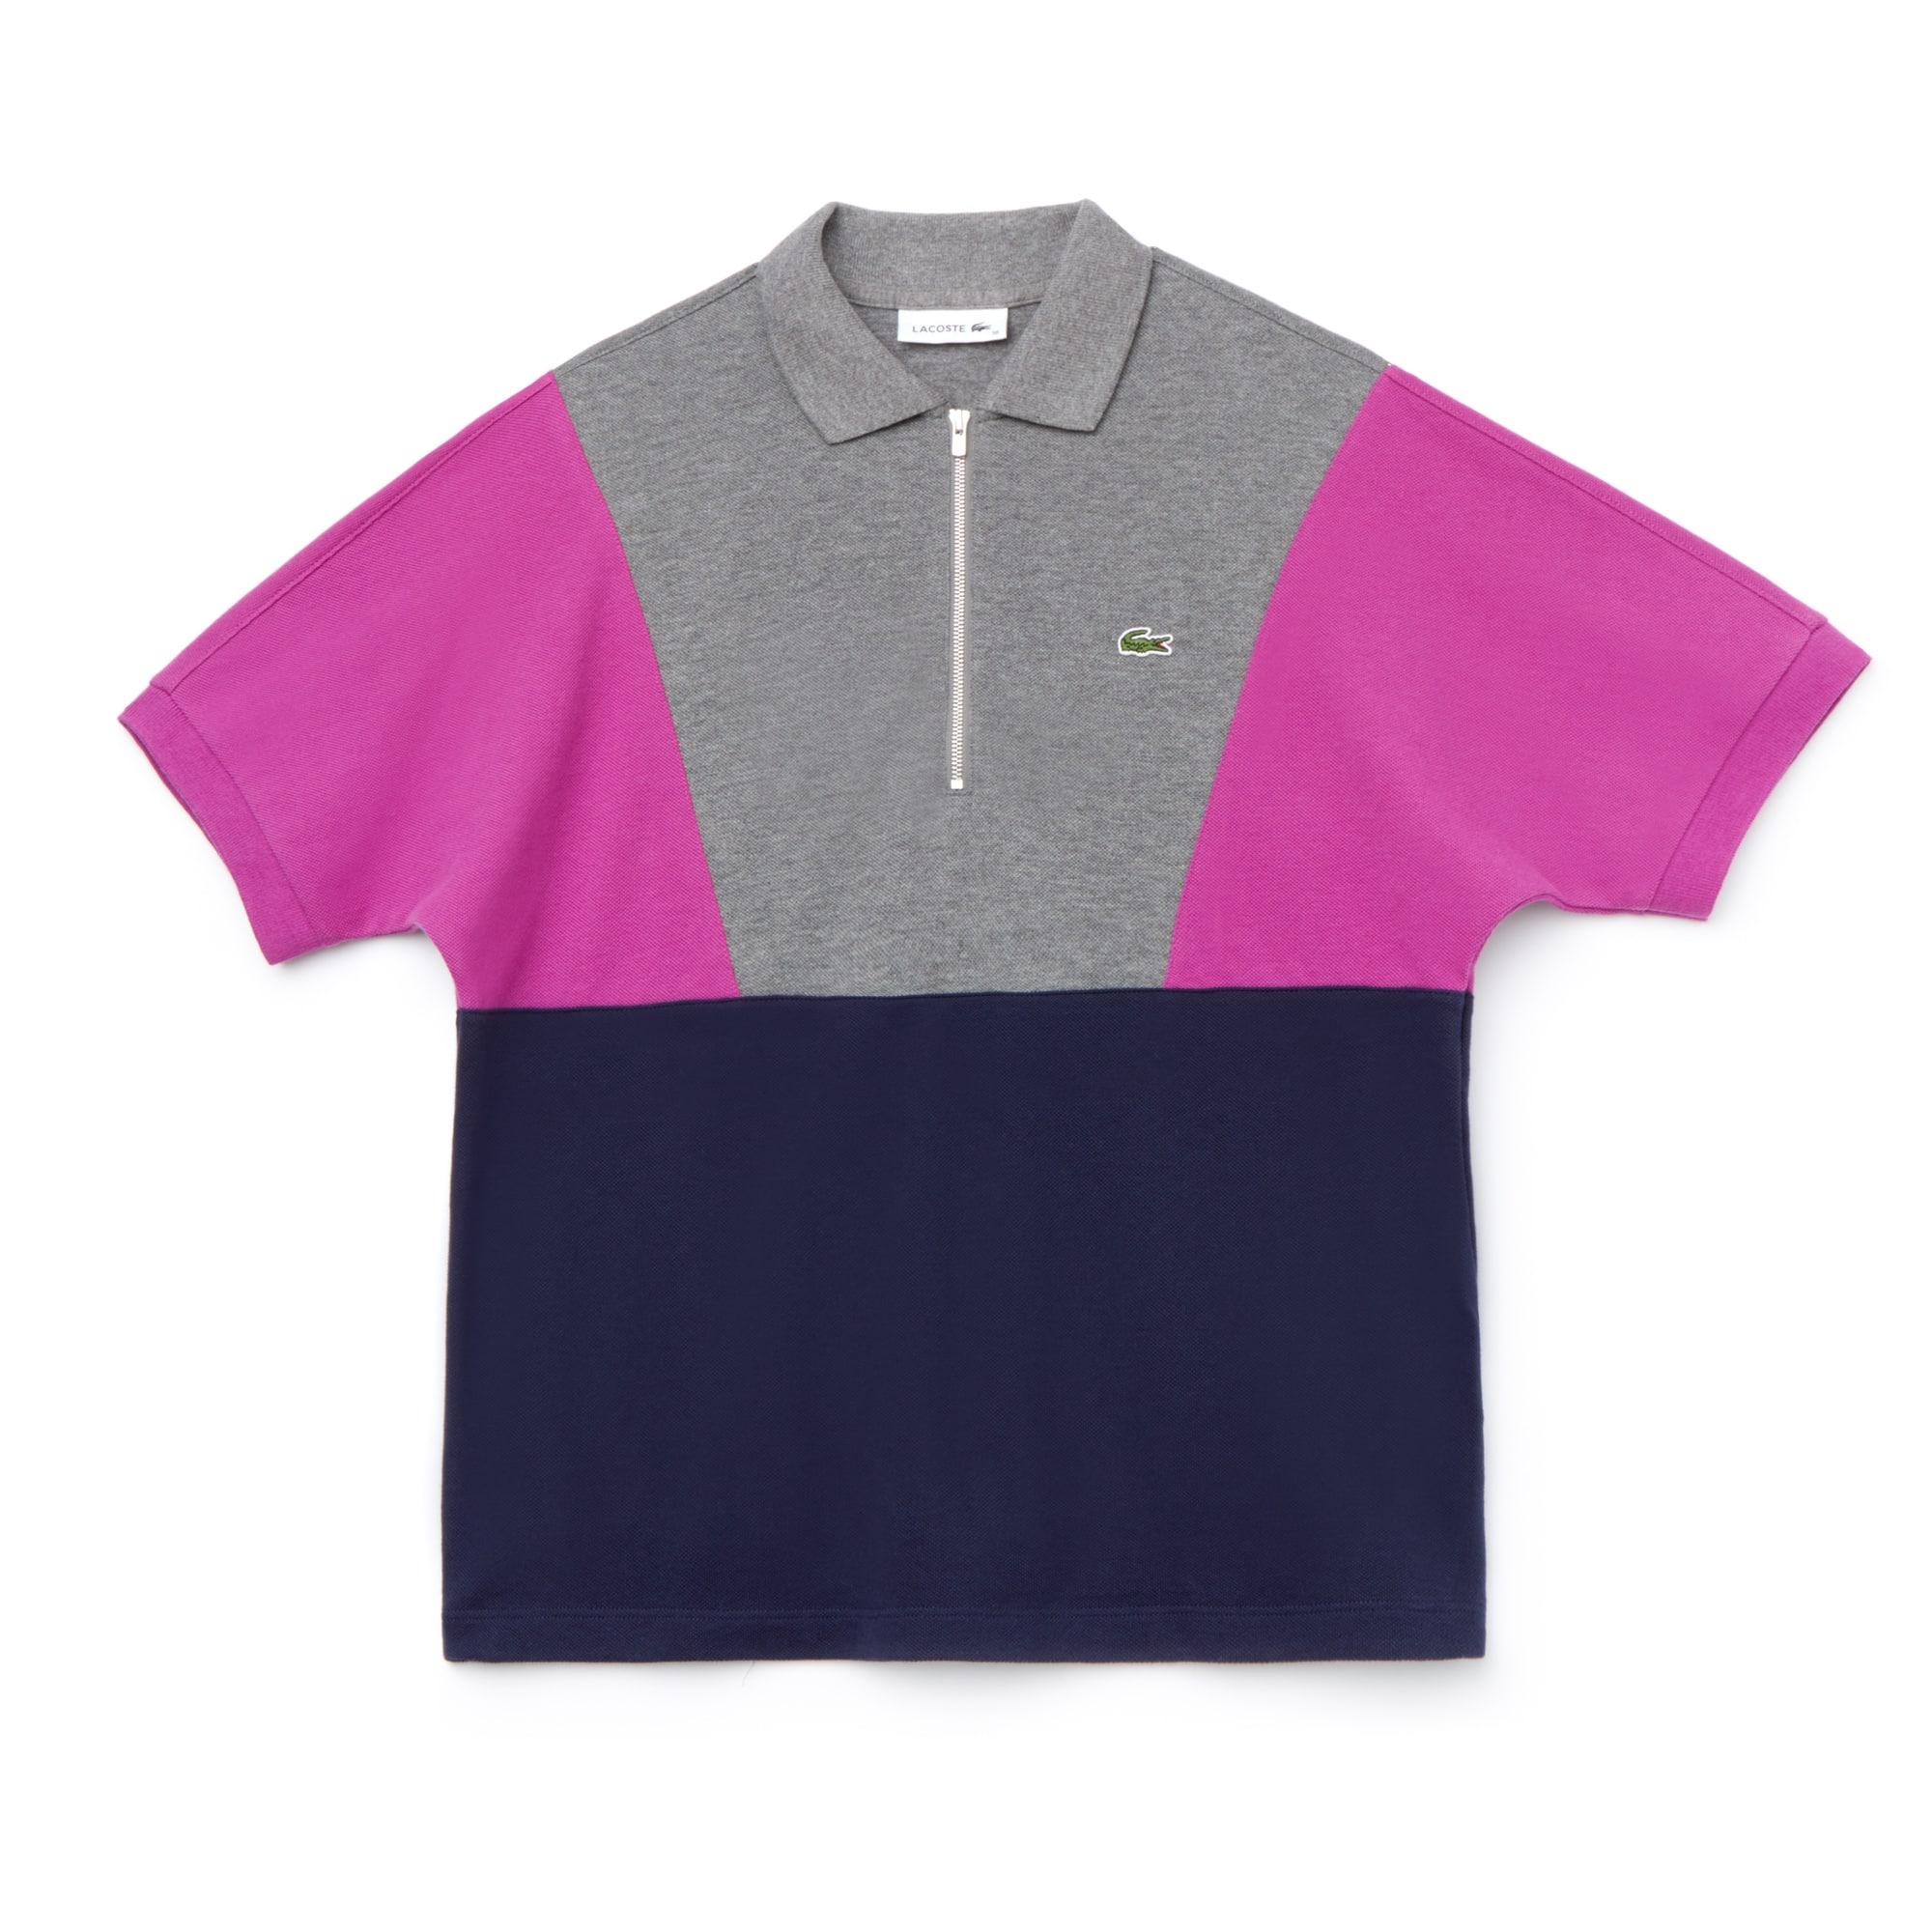 Polo De Mujer Lacoste En Piqué De Felpa Color Block Con Cuello Cerrado Con Cremallera